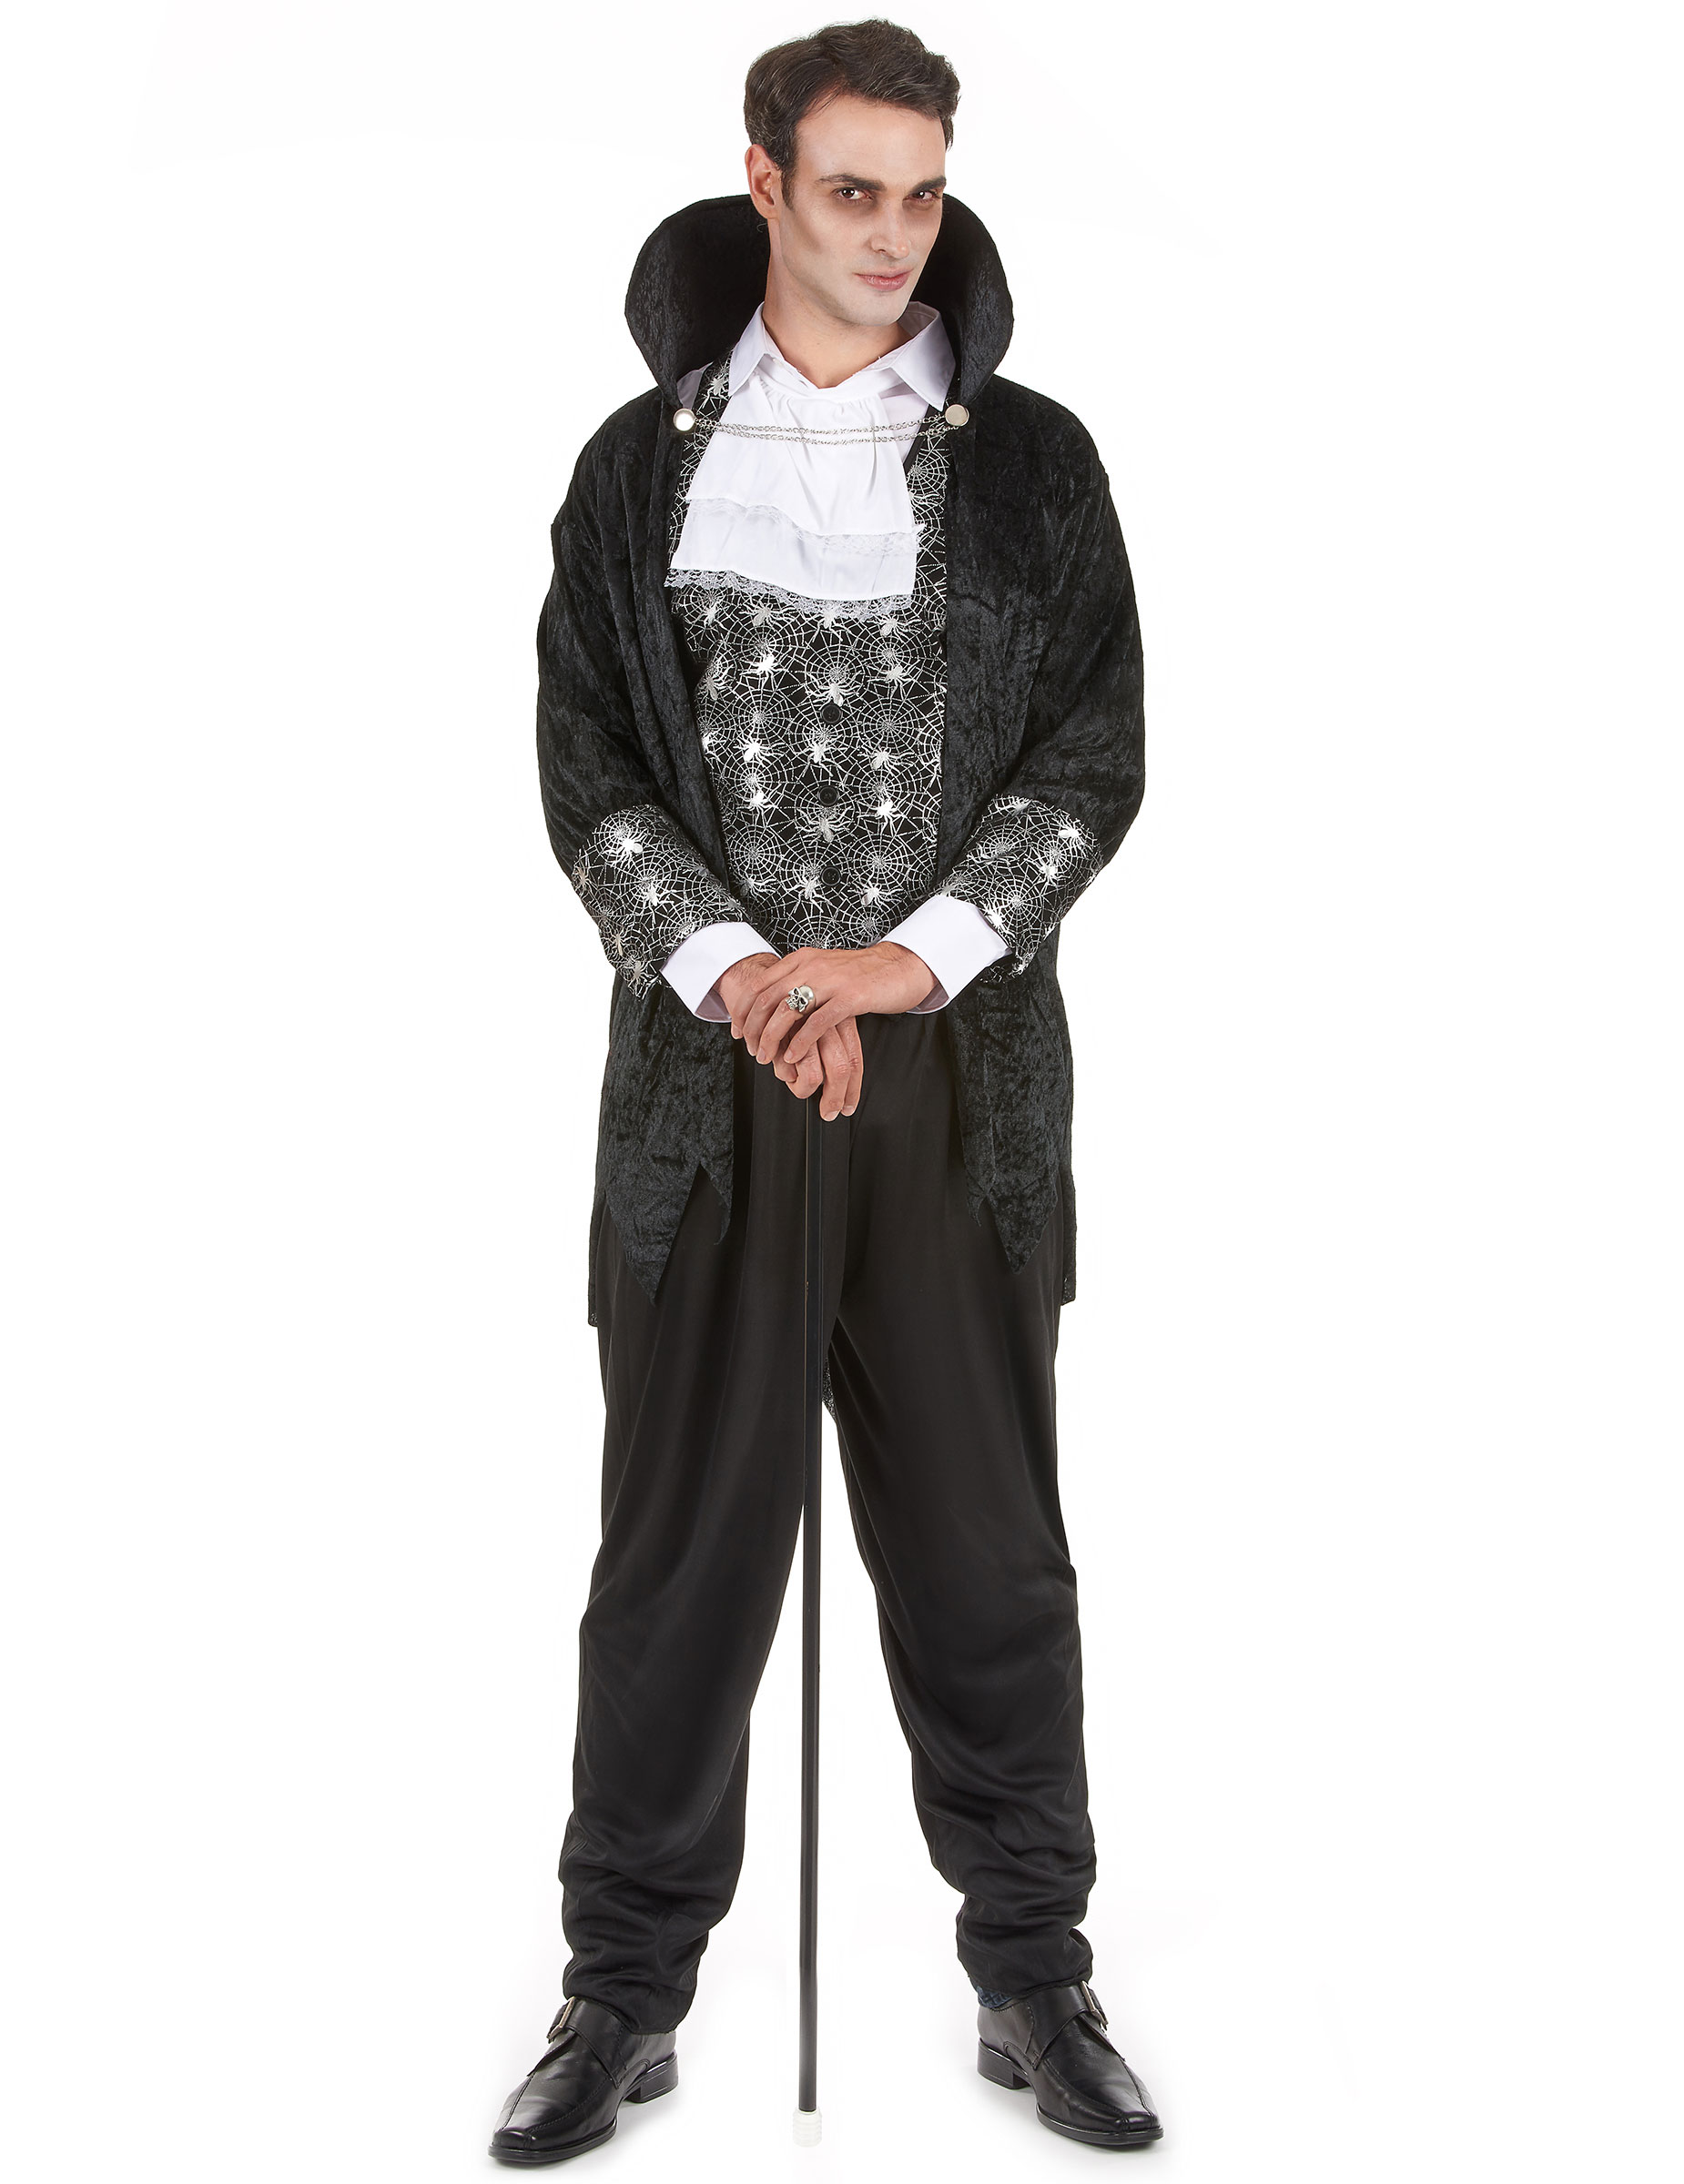 Disfraz de vampiro hombre Disfraces adultosy disfraces originales